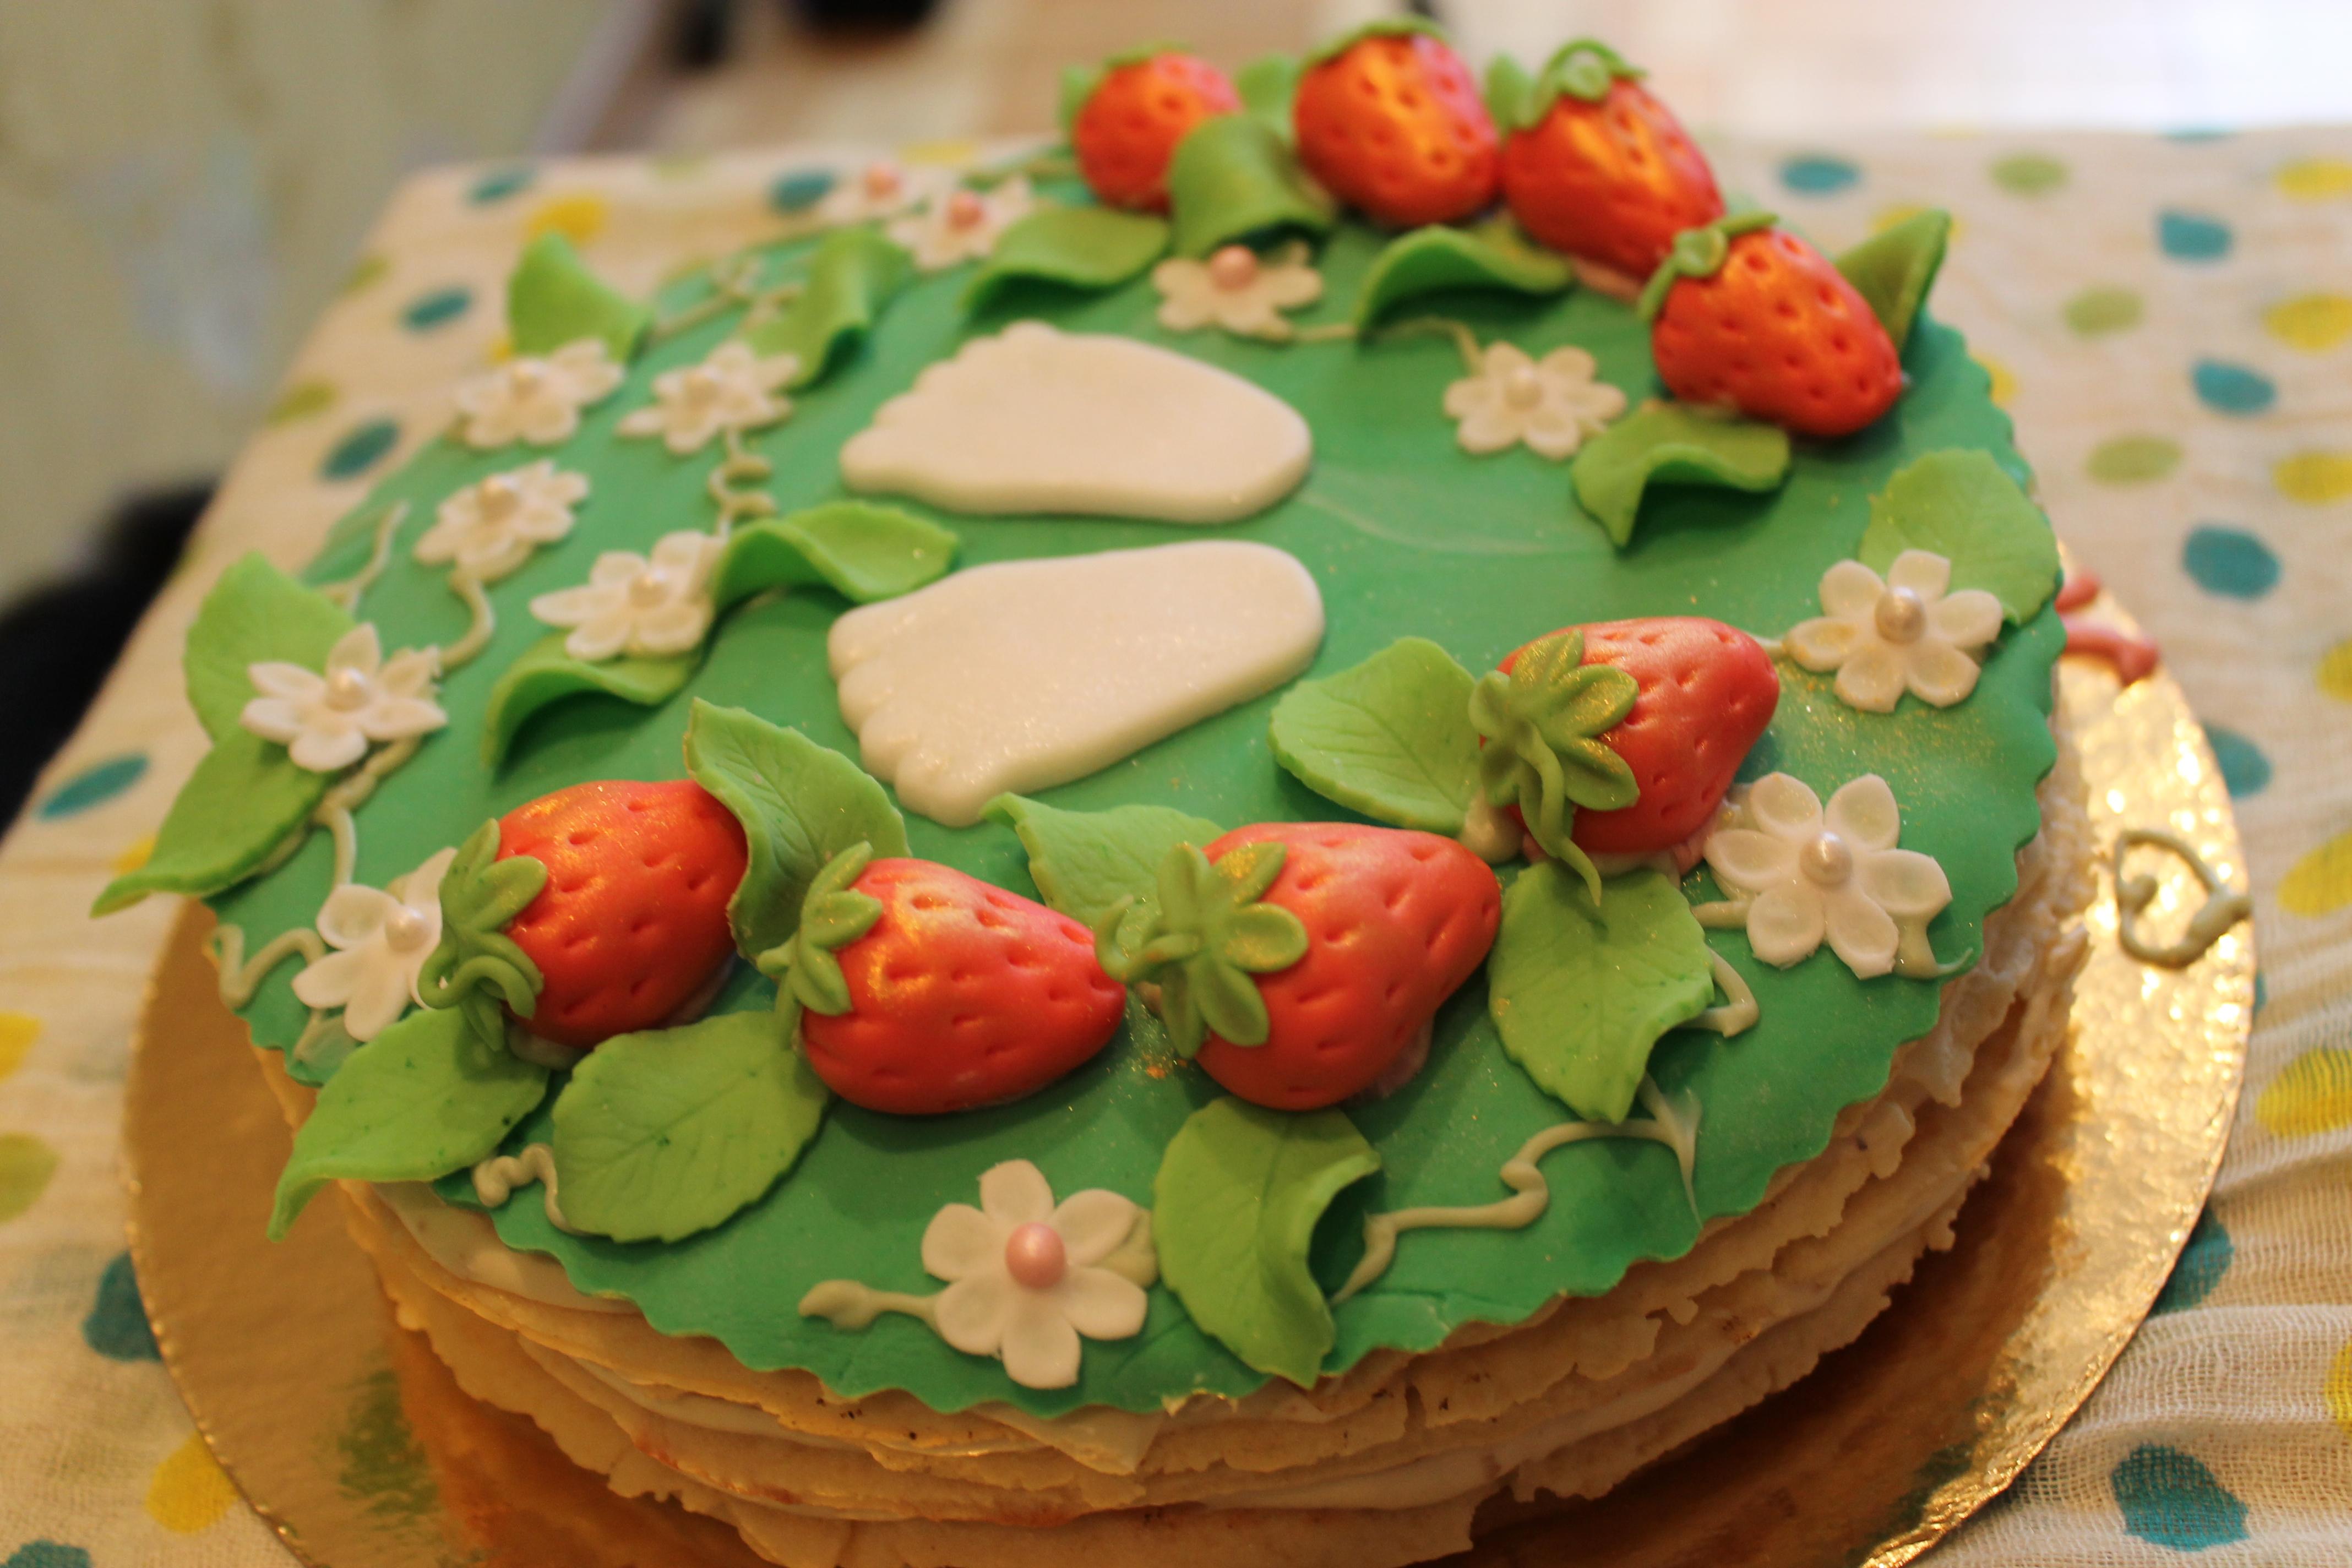 Быстрый тортик на годовасие крестницы)))